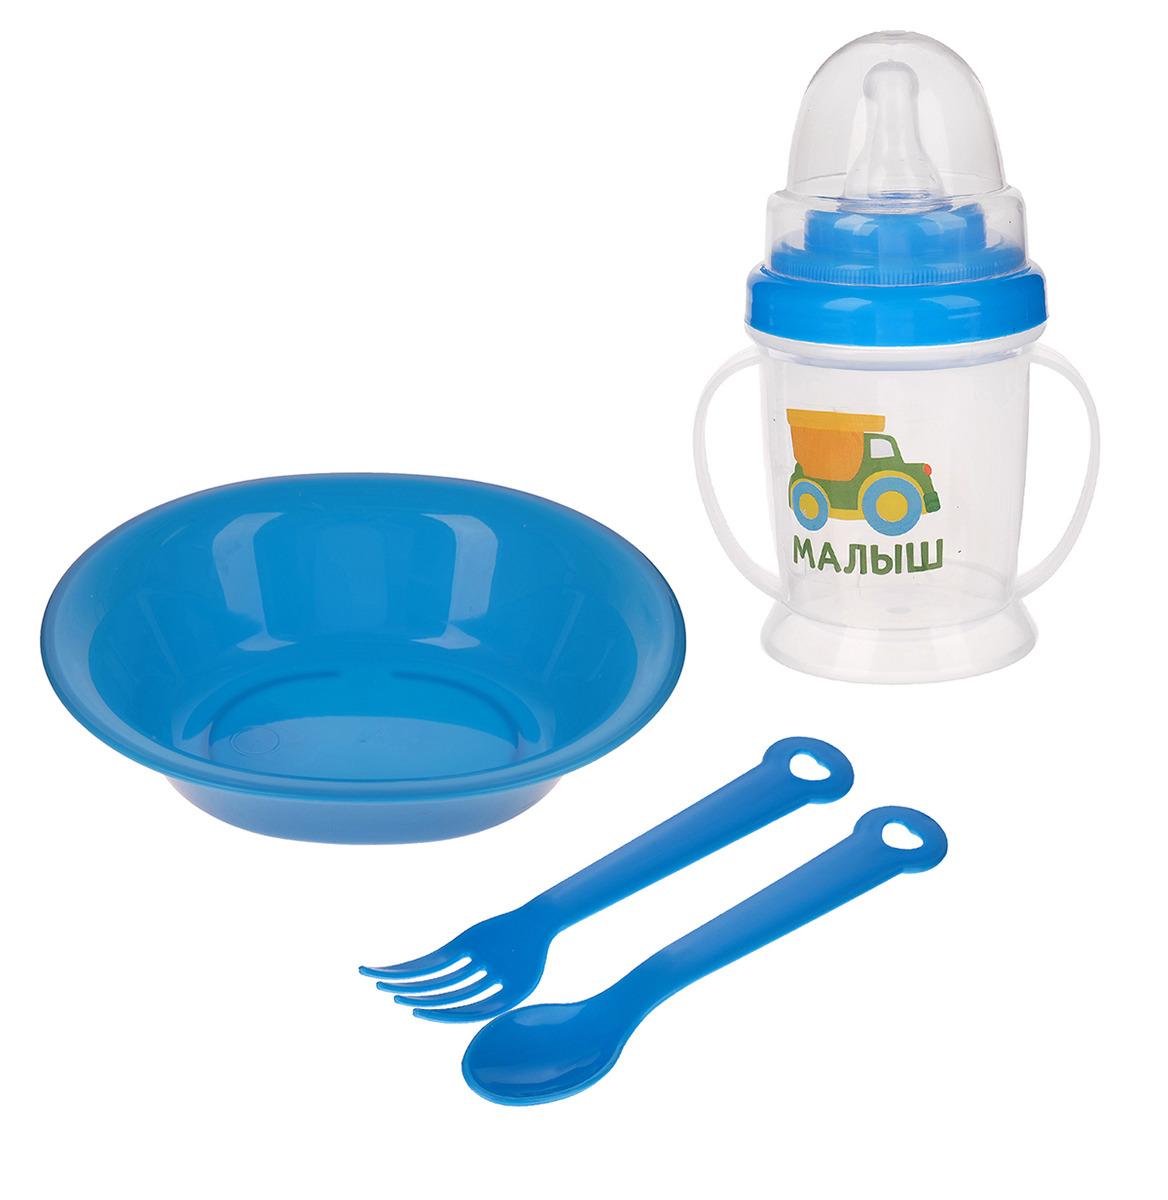 Набор посуды для кормления Крошка Я Малыш, 3275229, 4 предмета набор для кормления крошка я первый подарок малышу 2849357 7 предметов